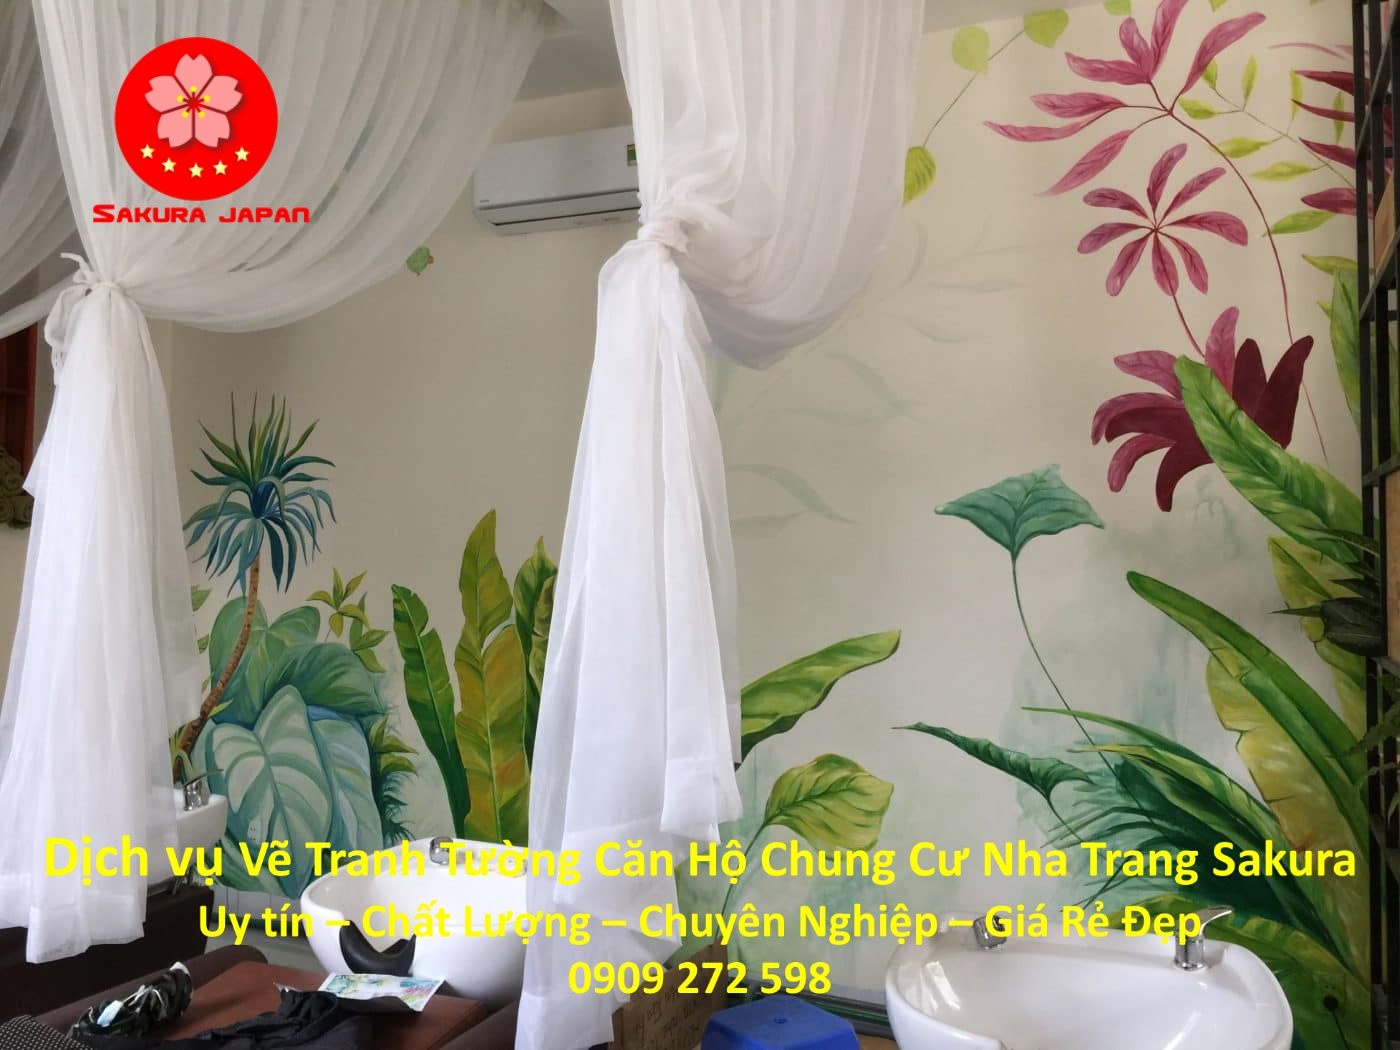 Vẽ Tranh Tường Căn hộ Chung Cư Nha Trang Nghệ Thuật